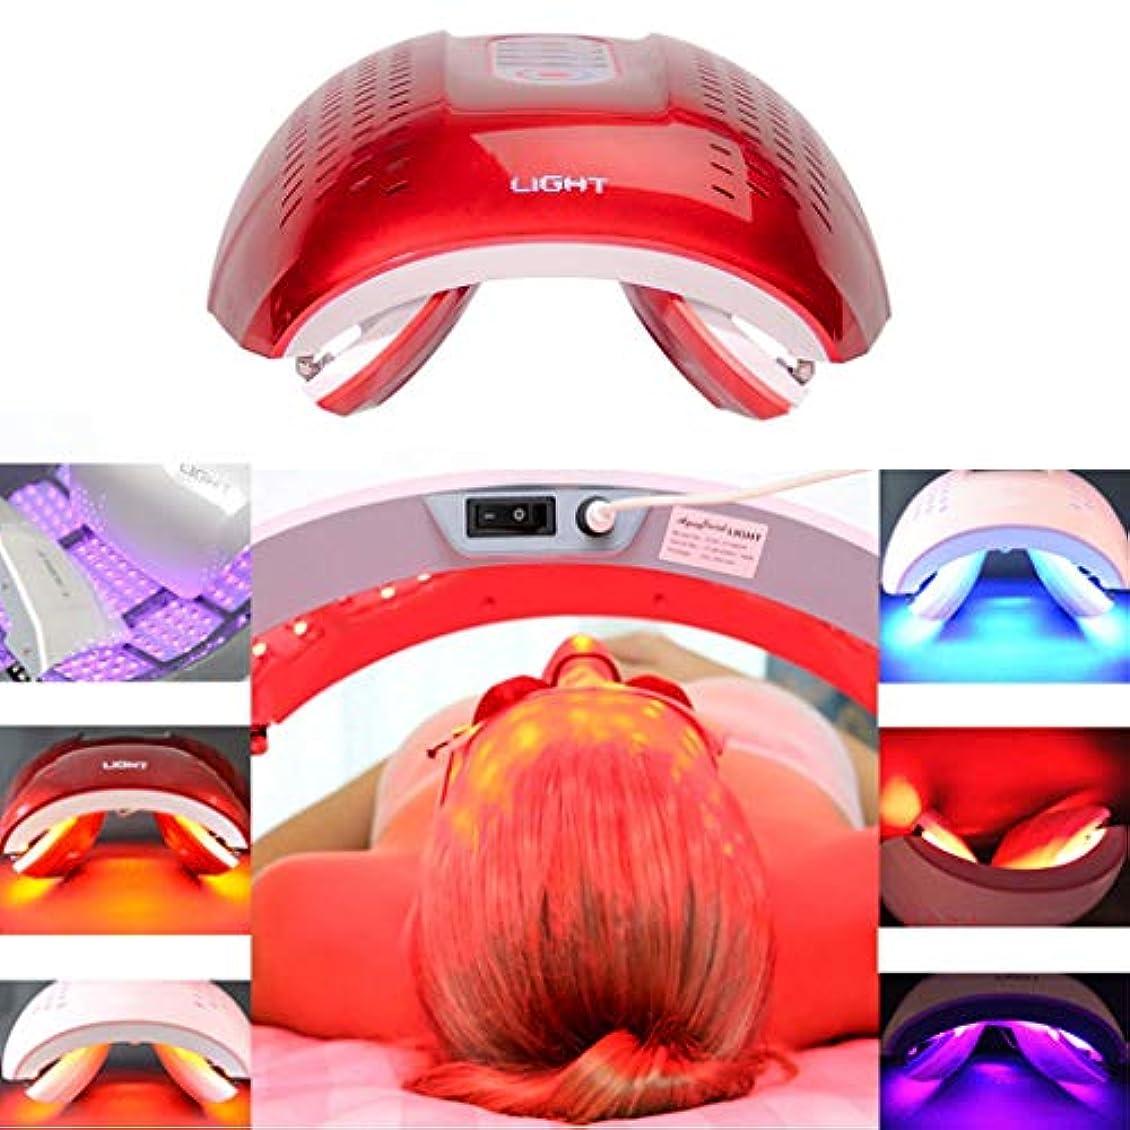 薬豊富な期待LED光子の顔の若返りの美の器械、4色PDTの分光計、肌の引き締め美白の強化,Red